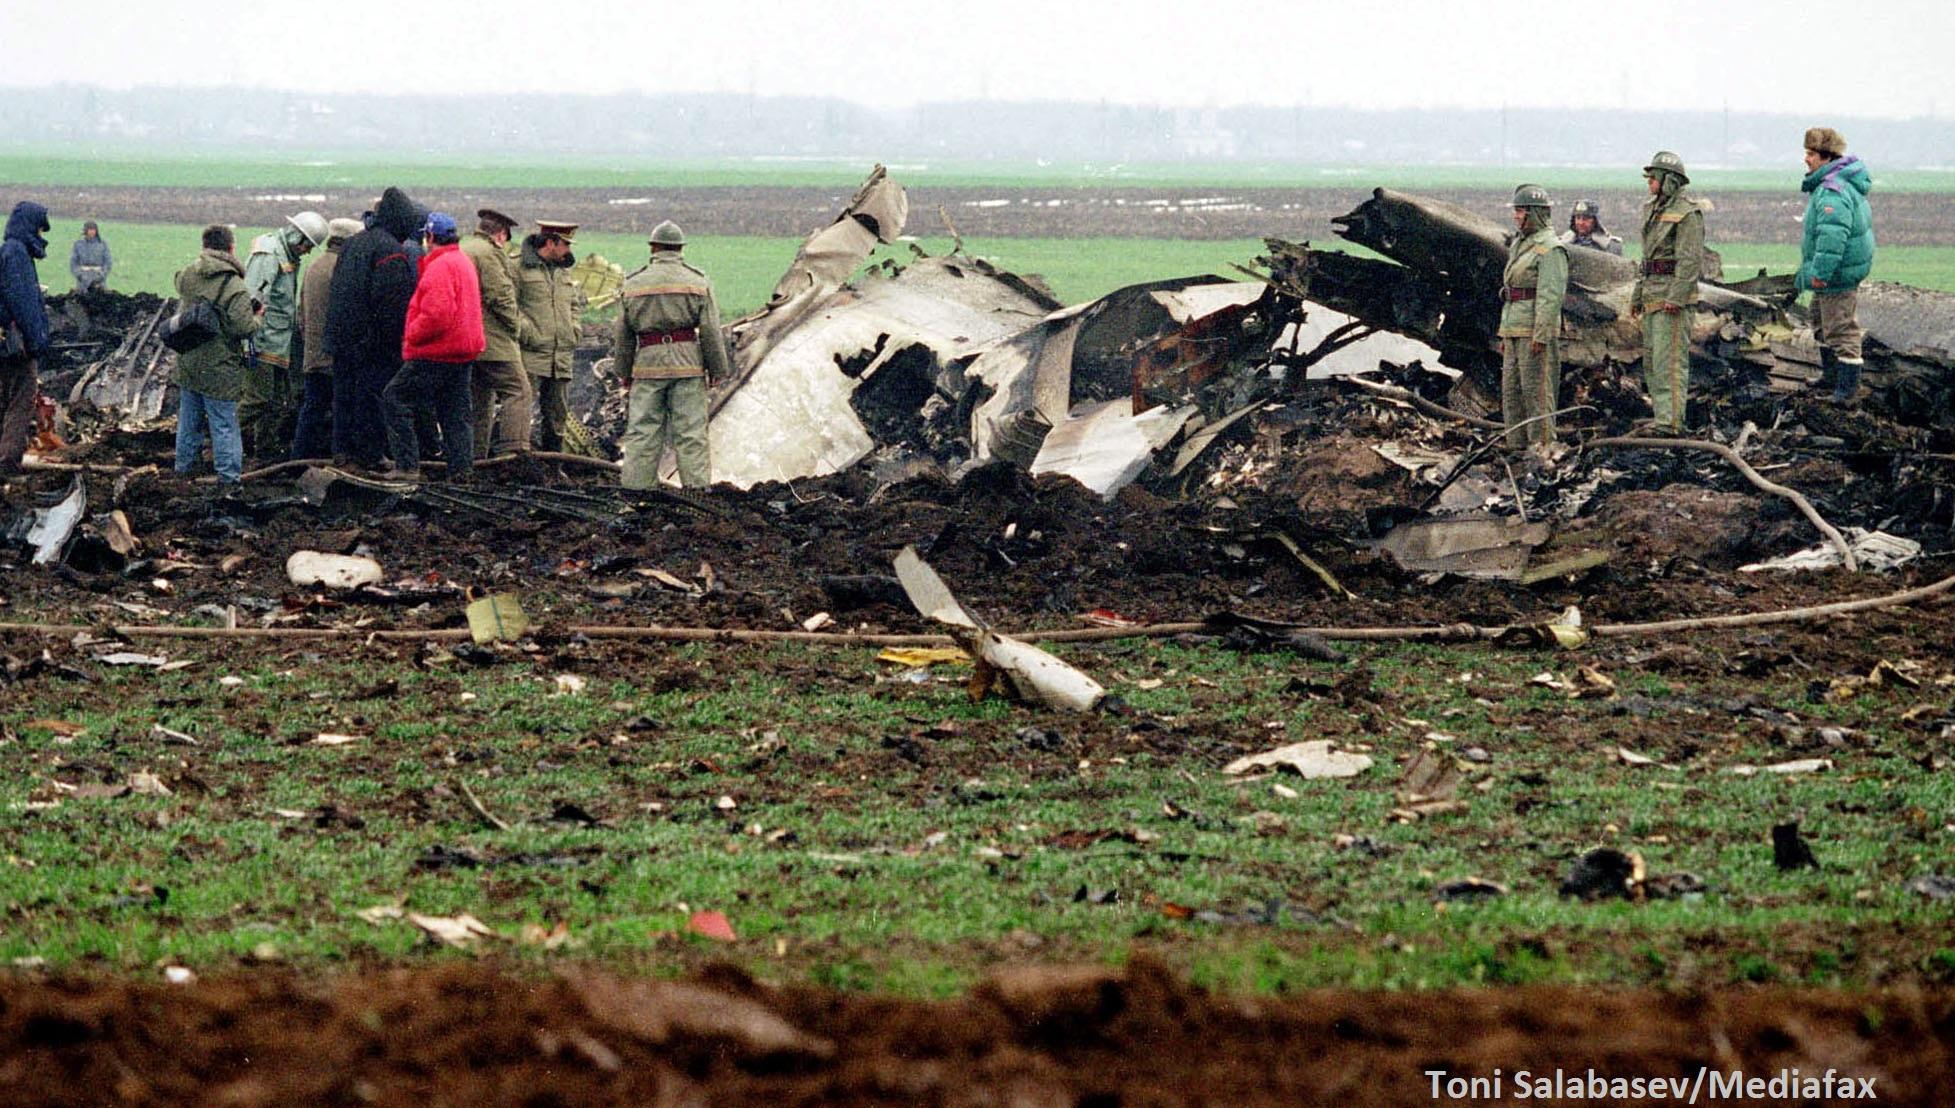 20 de ani de la cel mai grav accident aviatic din Romania si o ancheta de 19 ani. Concluziile tragediei de la Balotesti